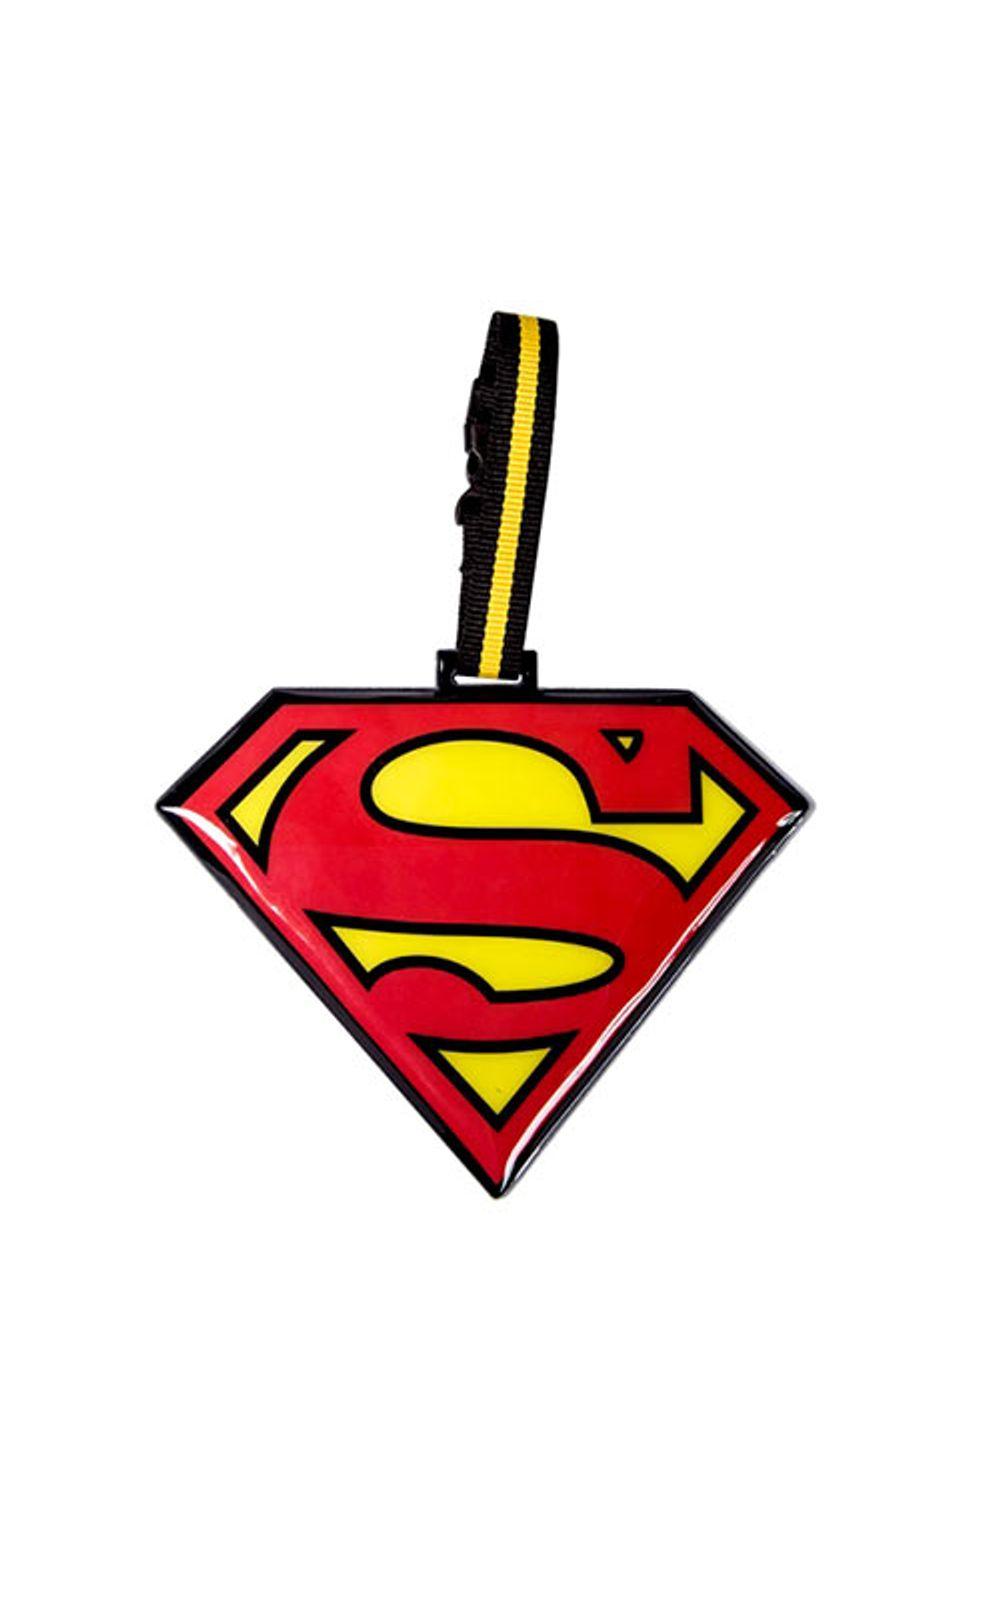 Foto 1 - Tag de Mala Super Homem Escudo DC Comics